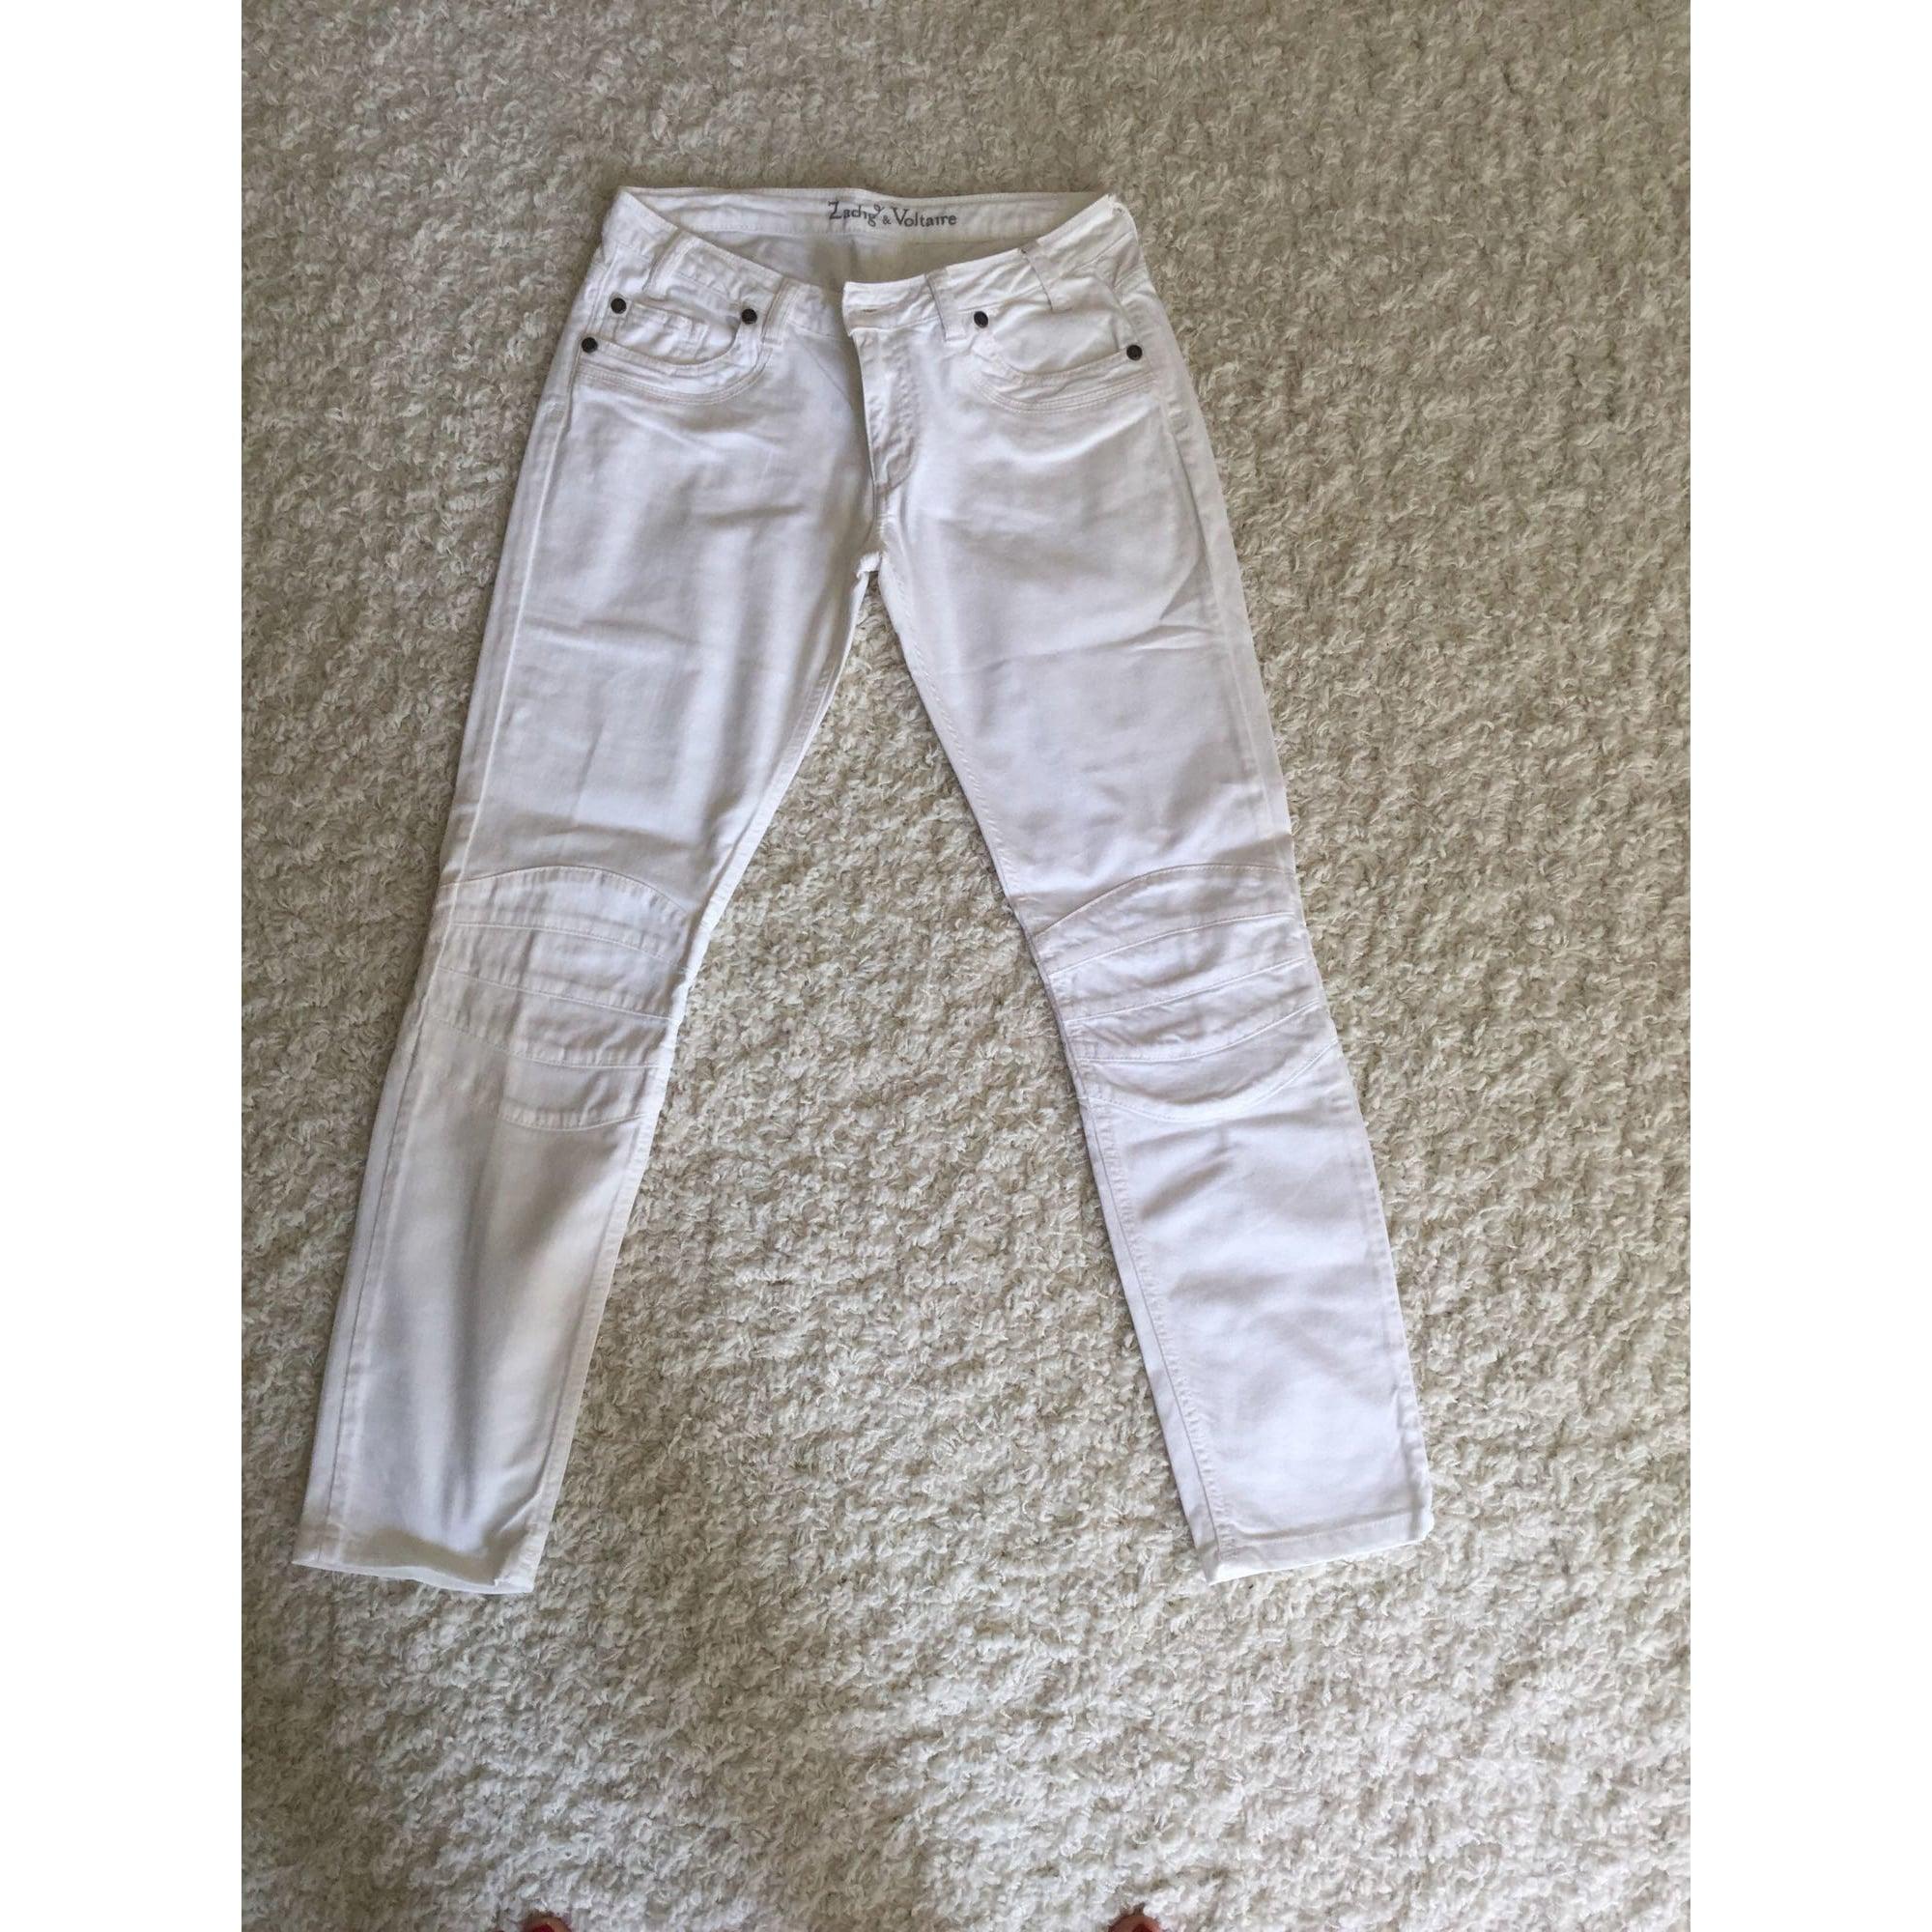 Jeans slim ZADIG & VOLTAIRE Blanc, blanc cassé, écru